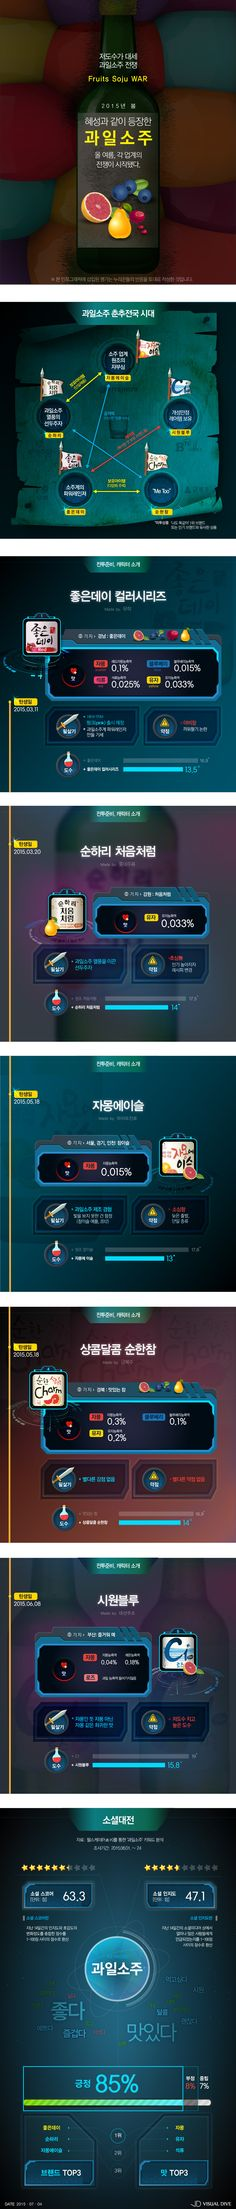 저도수가 대세 '과일소주 전쟁' [인포그래픽] #Soju / #Infographic ⓒ 비주얼다이브 무단 복사·전재·재배포 금지